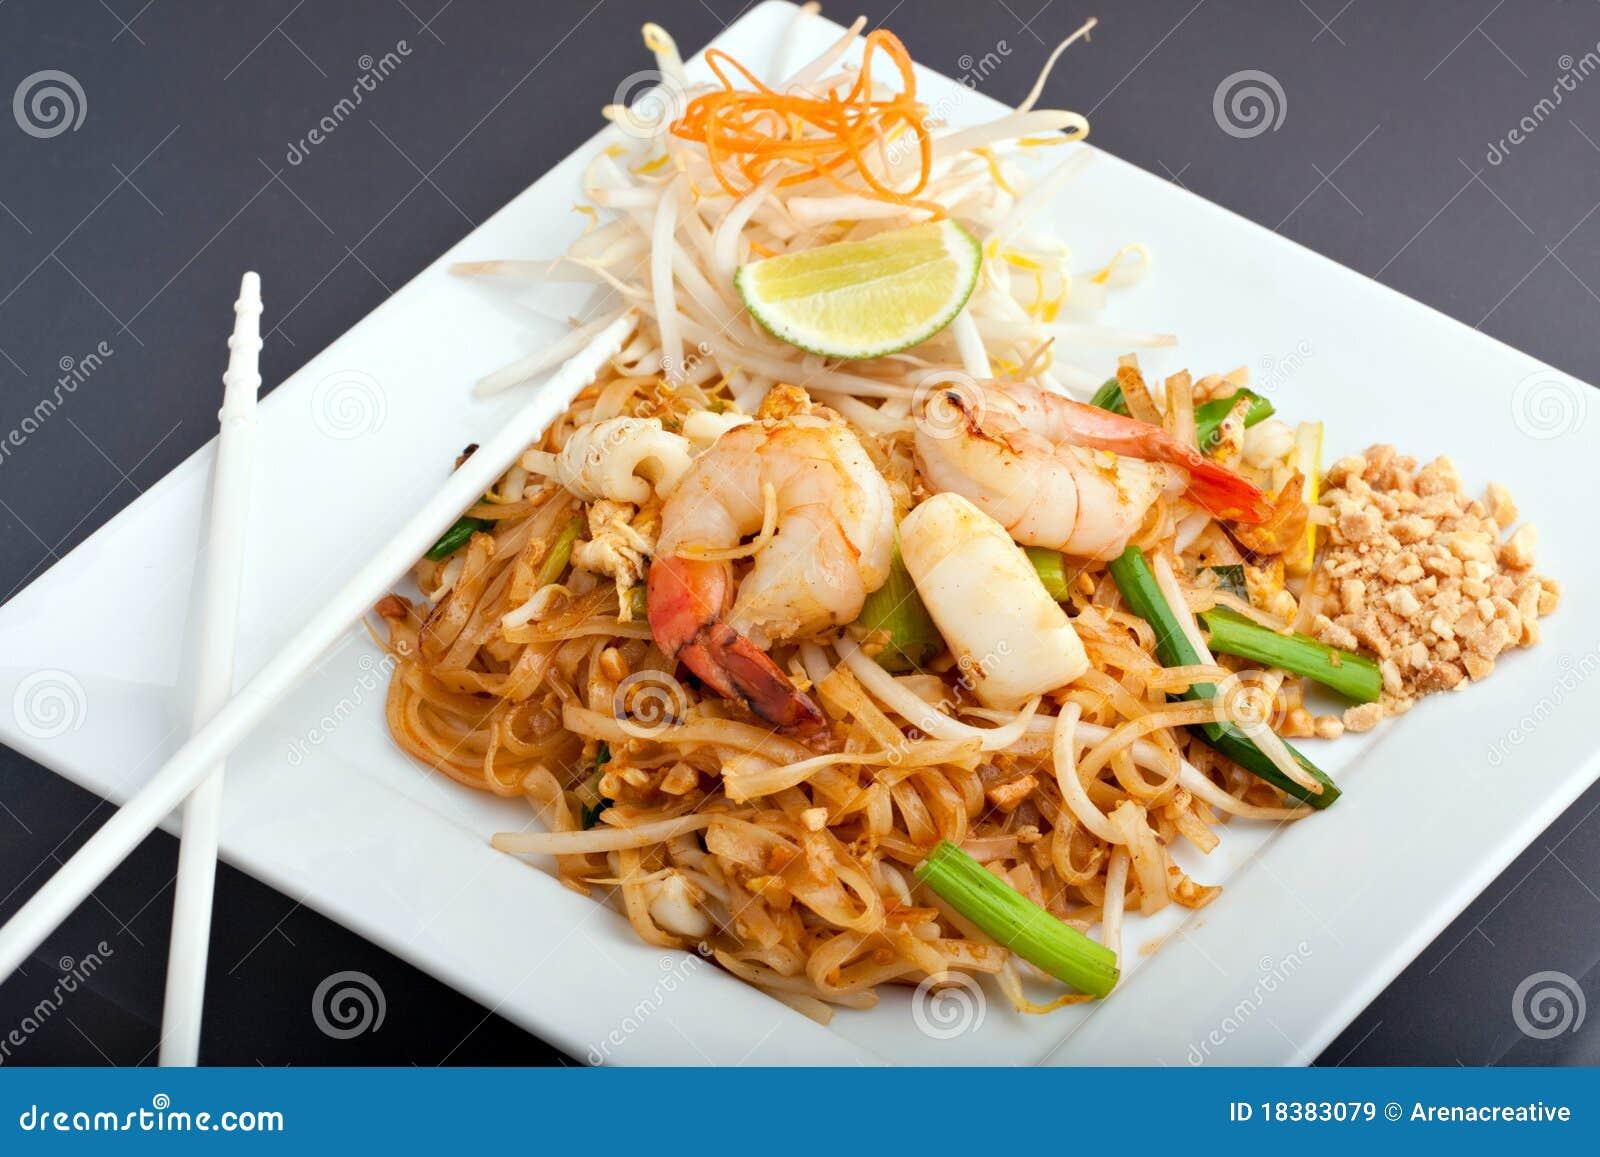 зажаренные лапши прокладывают продукты моря риса тайские